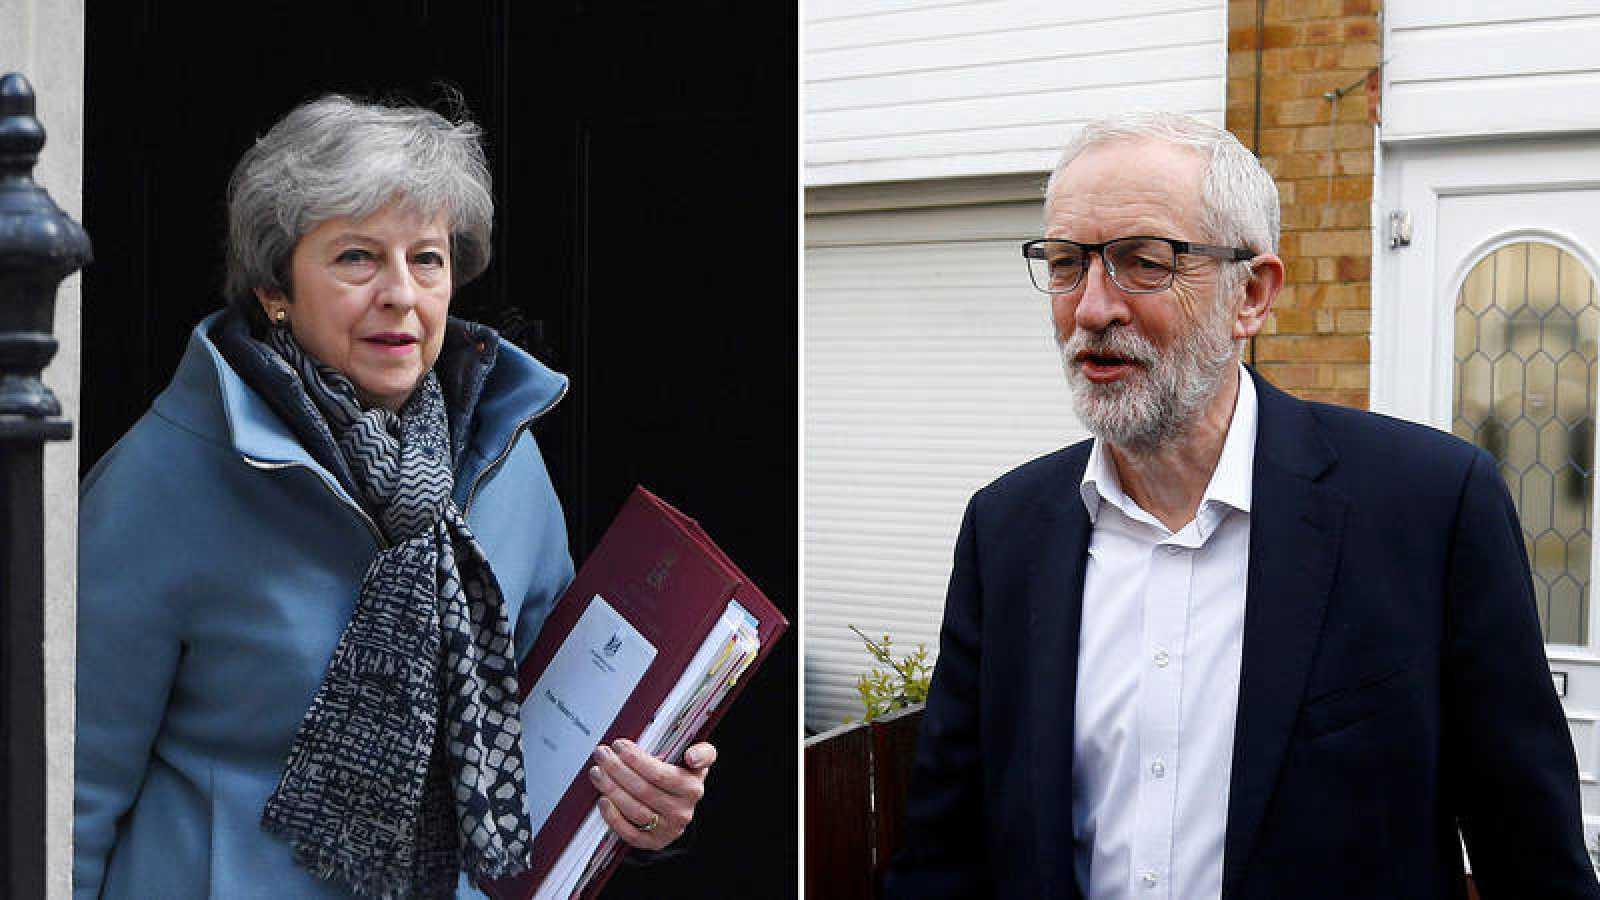 La primera reunión entre May y Corbyn para el 'Brexit' se salda con un calendario de trabajo y pocos avances